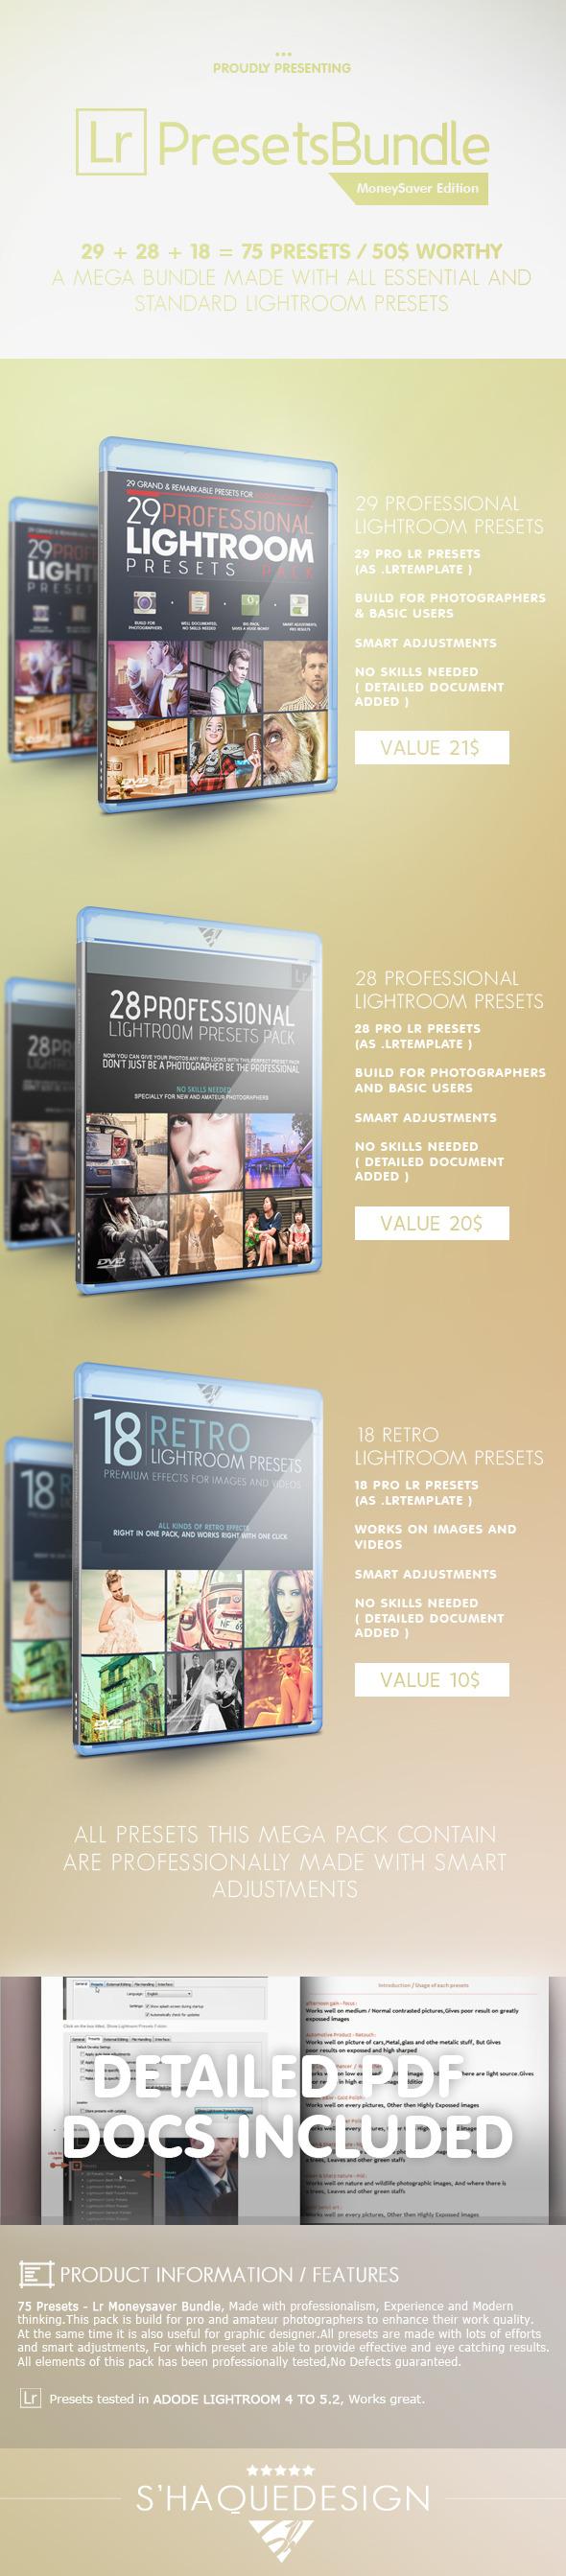 75 Pro Presets - Mega Lr Presets Bundle - Portrait Lightroom Presets